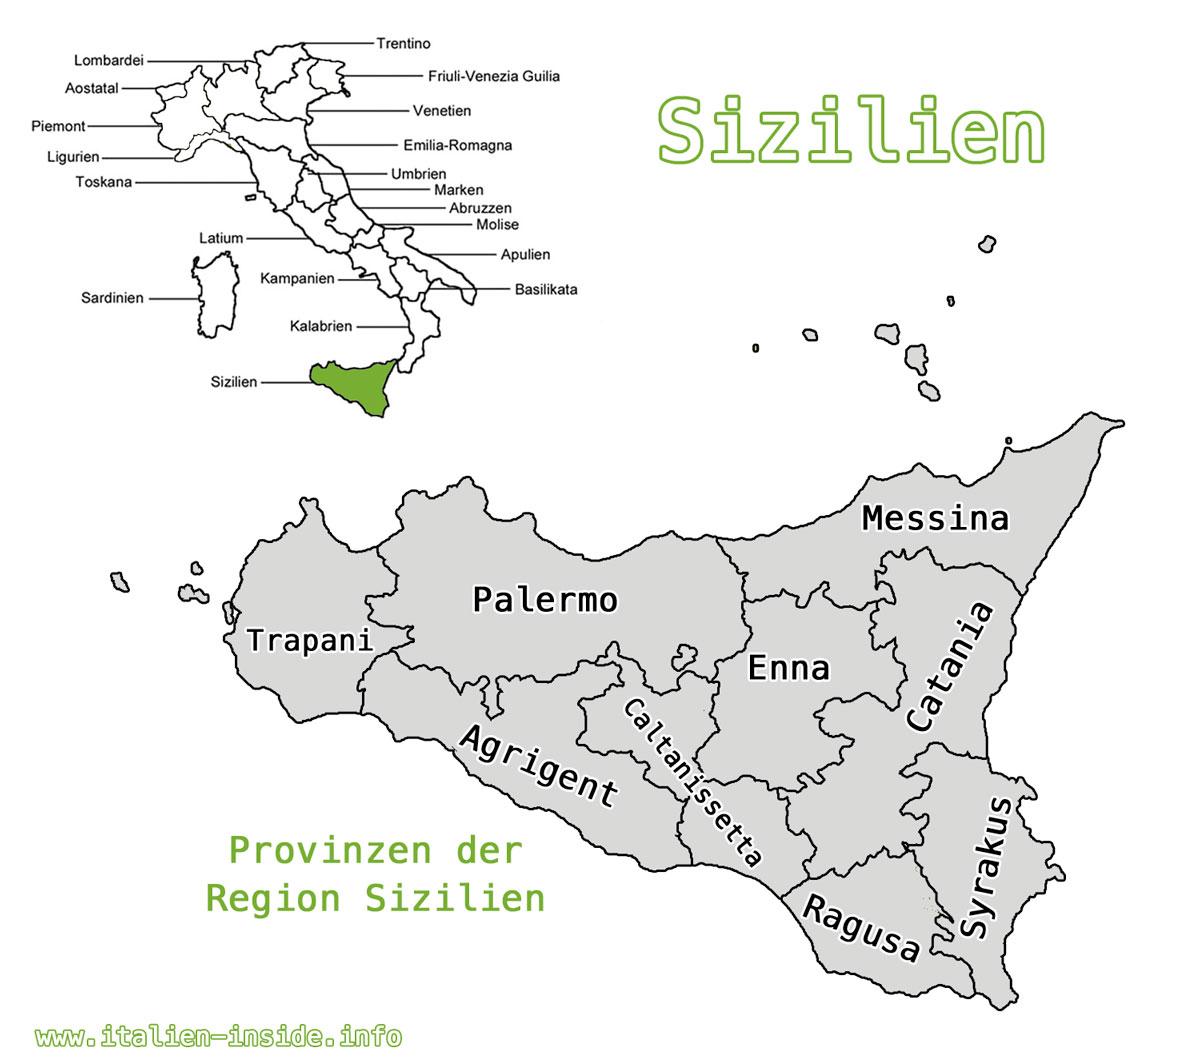 Karte-Sizililen-Provinzen